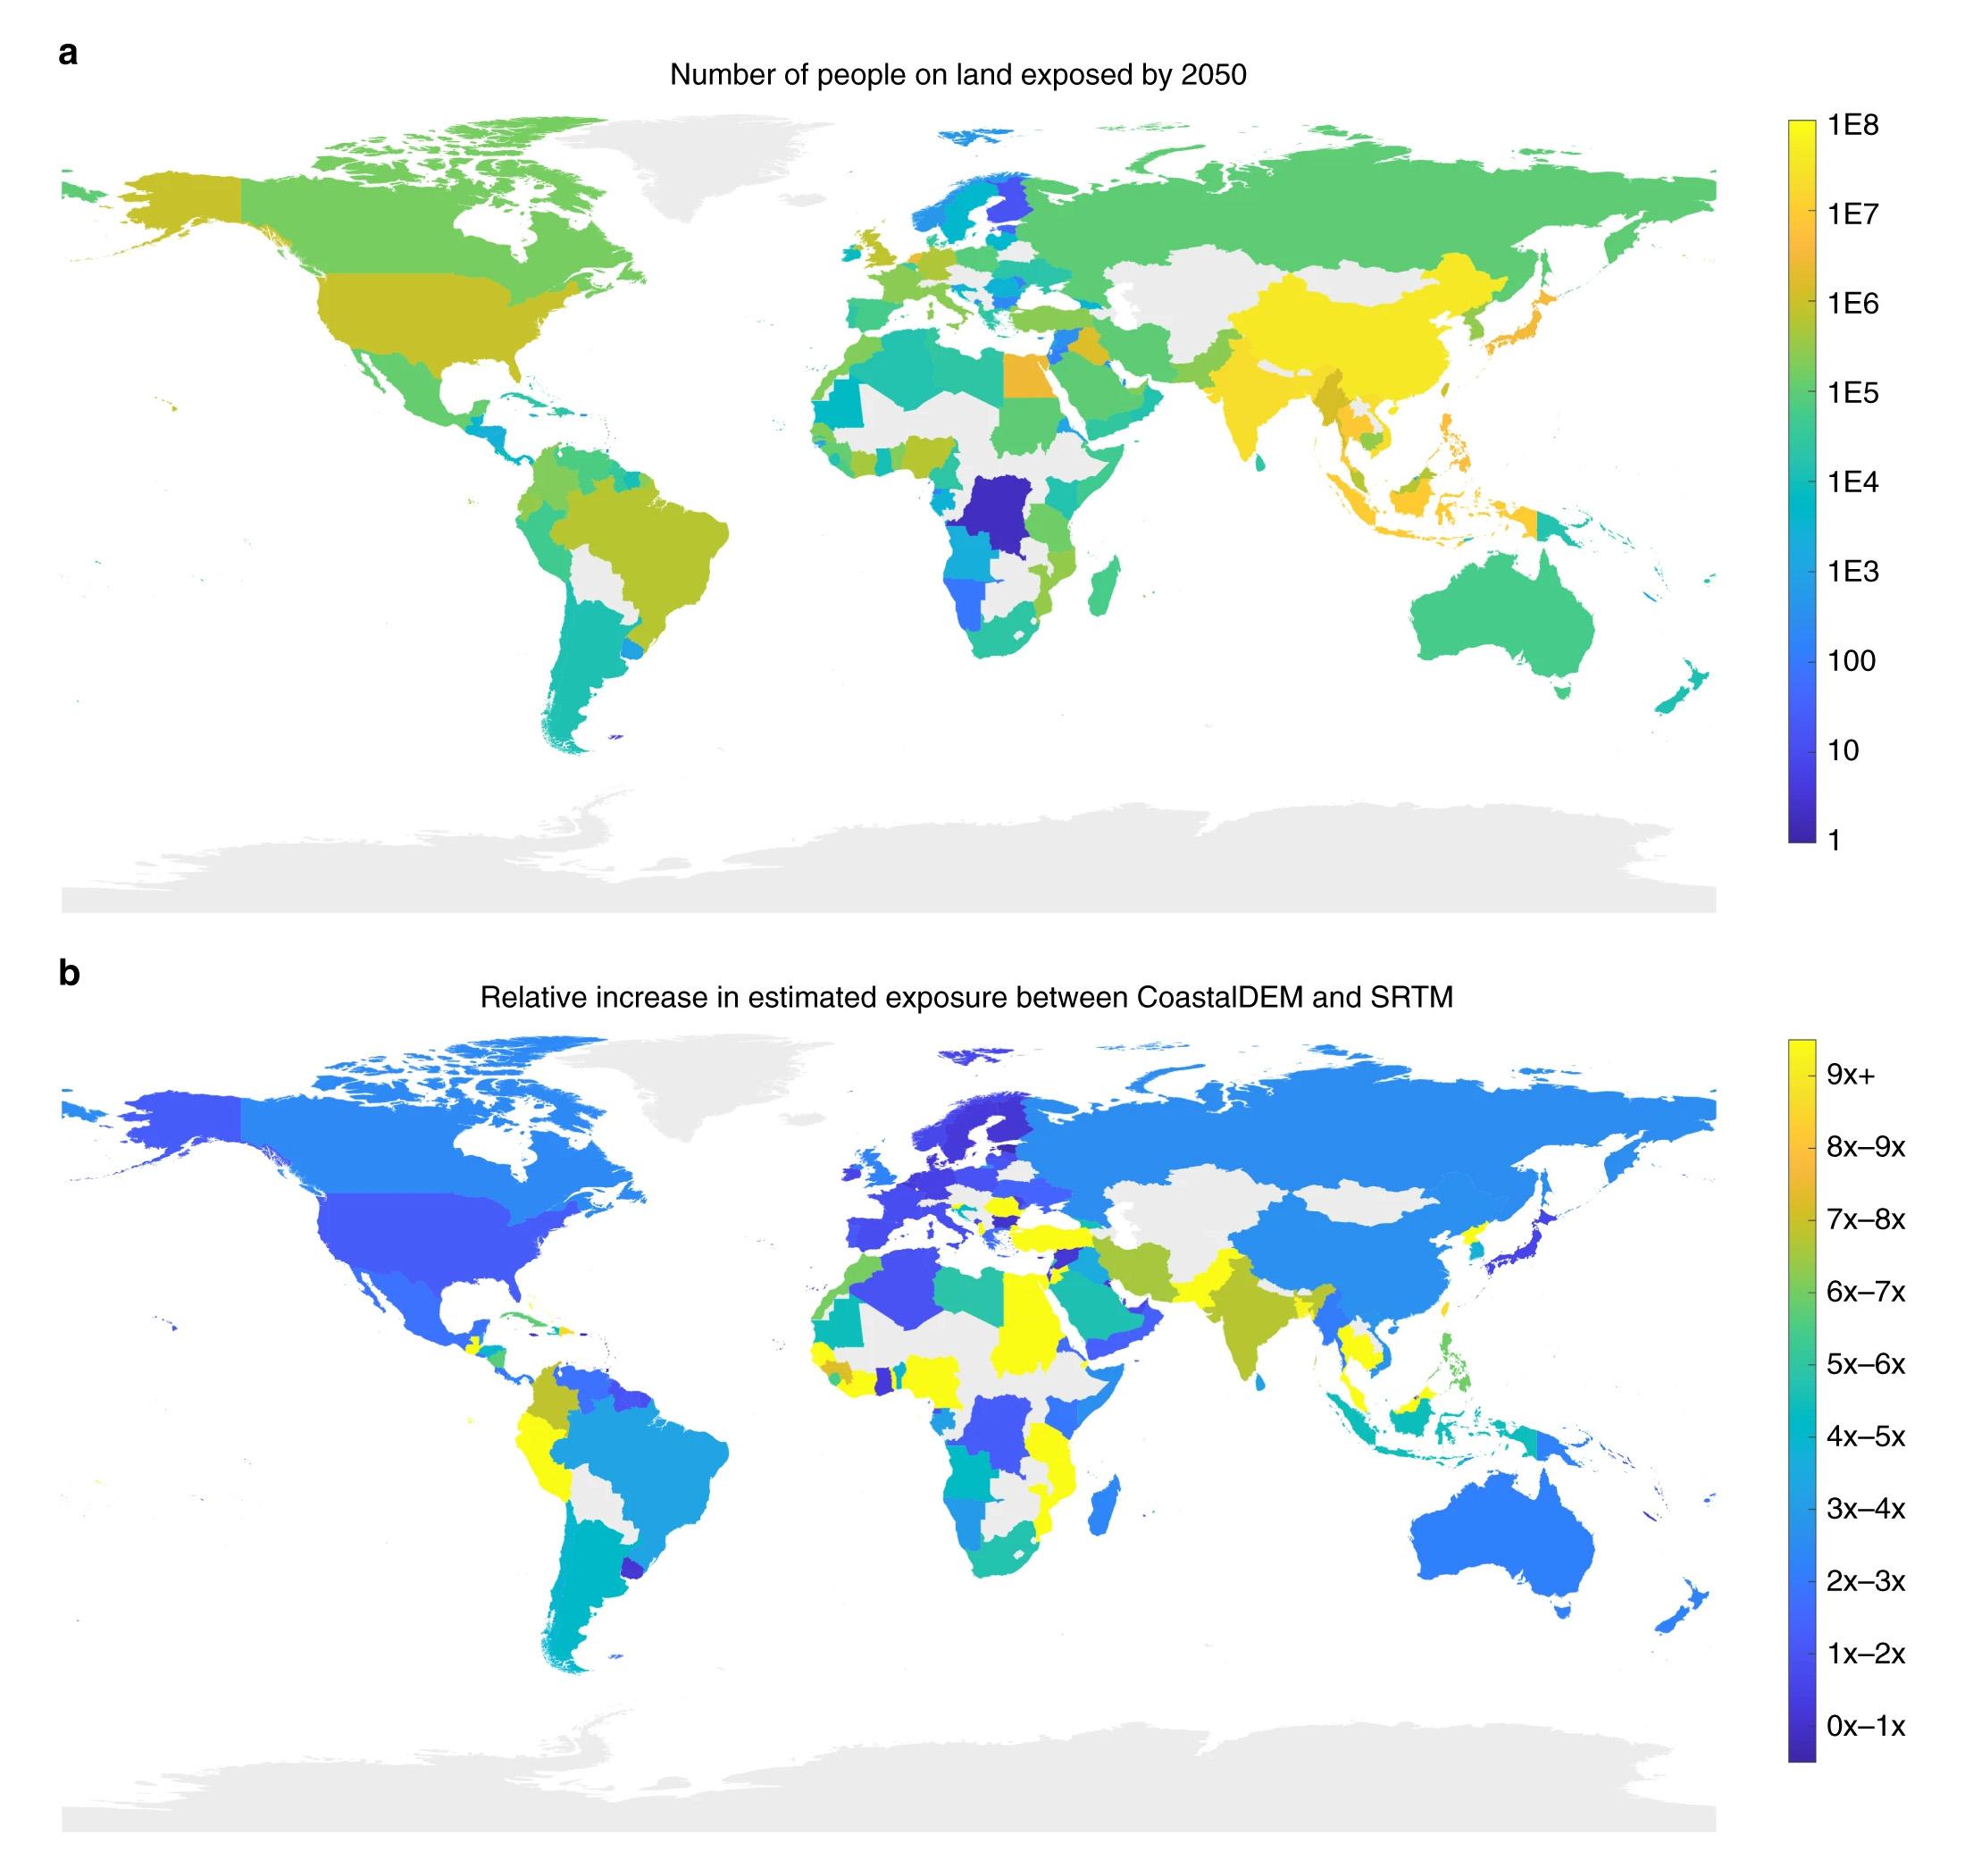 مجموع السكان على الأراضي المعرضة للخطر